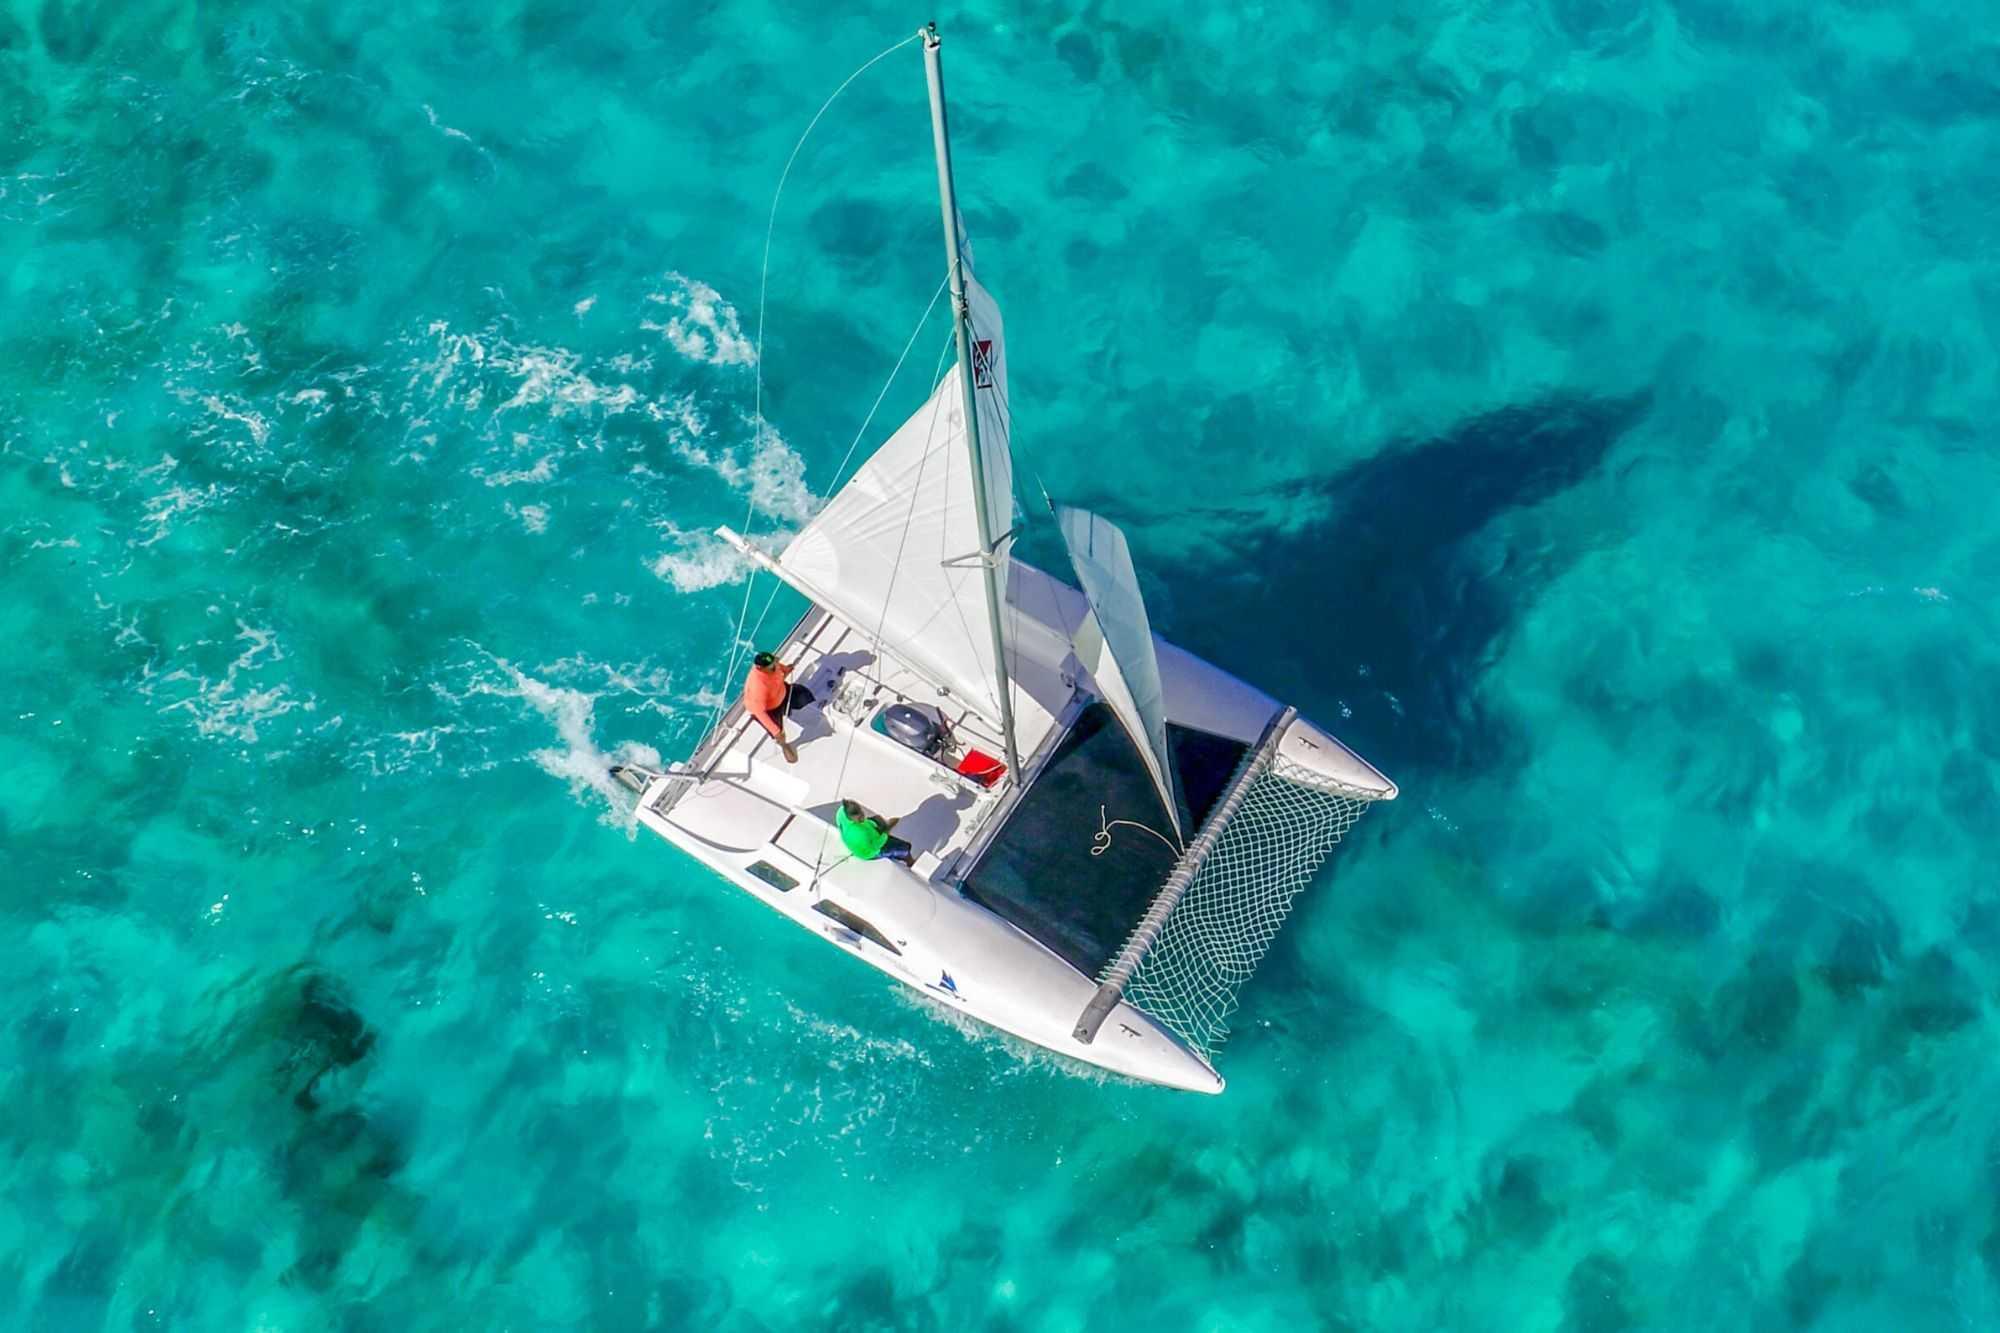 5 Private Isla Mujeres tour in catamaran - Seawind - Cancun Sailing